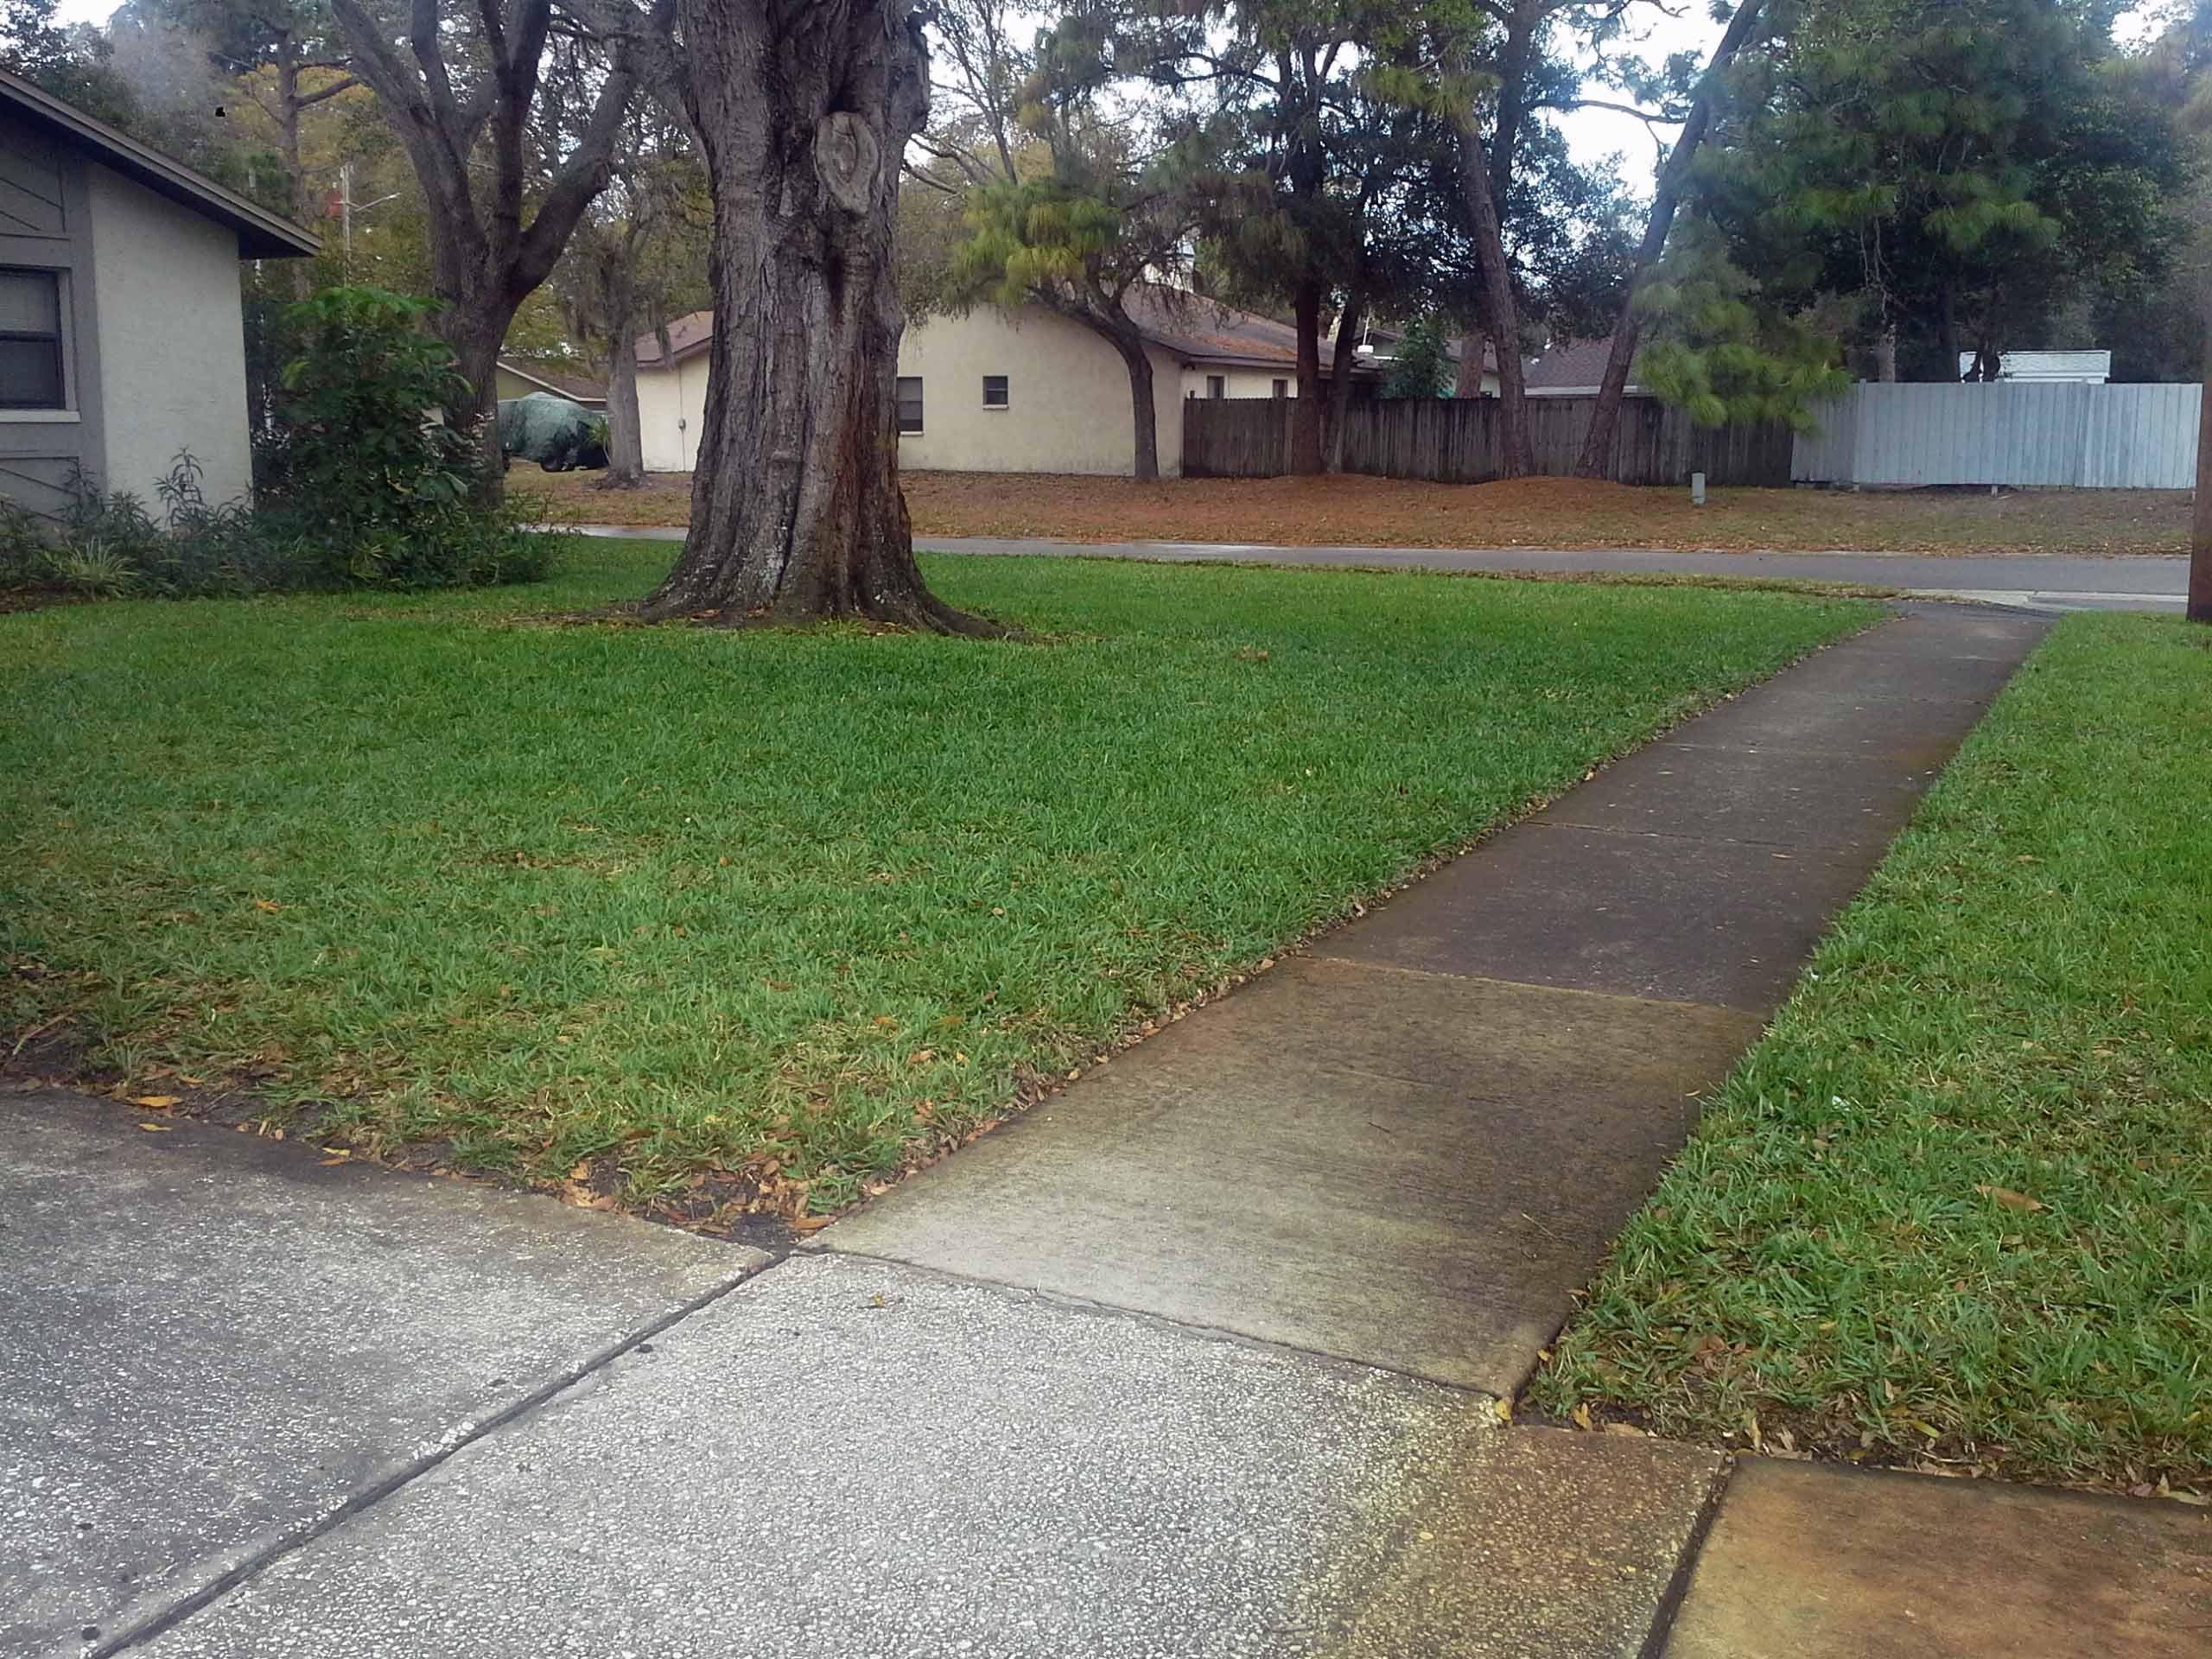 Yard mowing company in Largo, FL, 33773